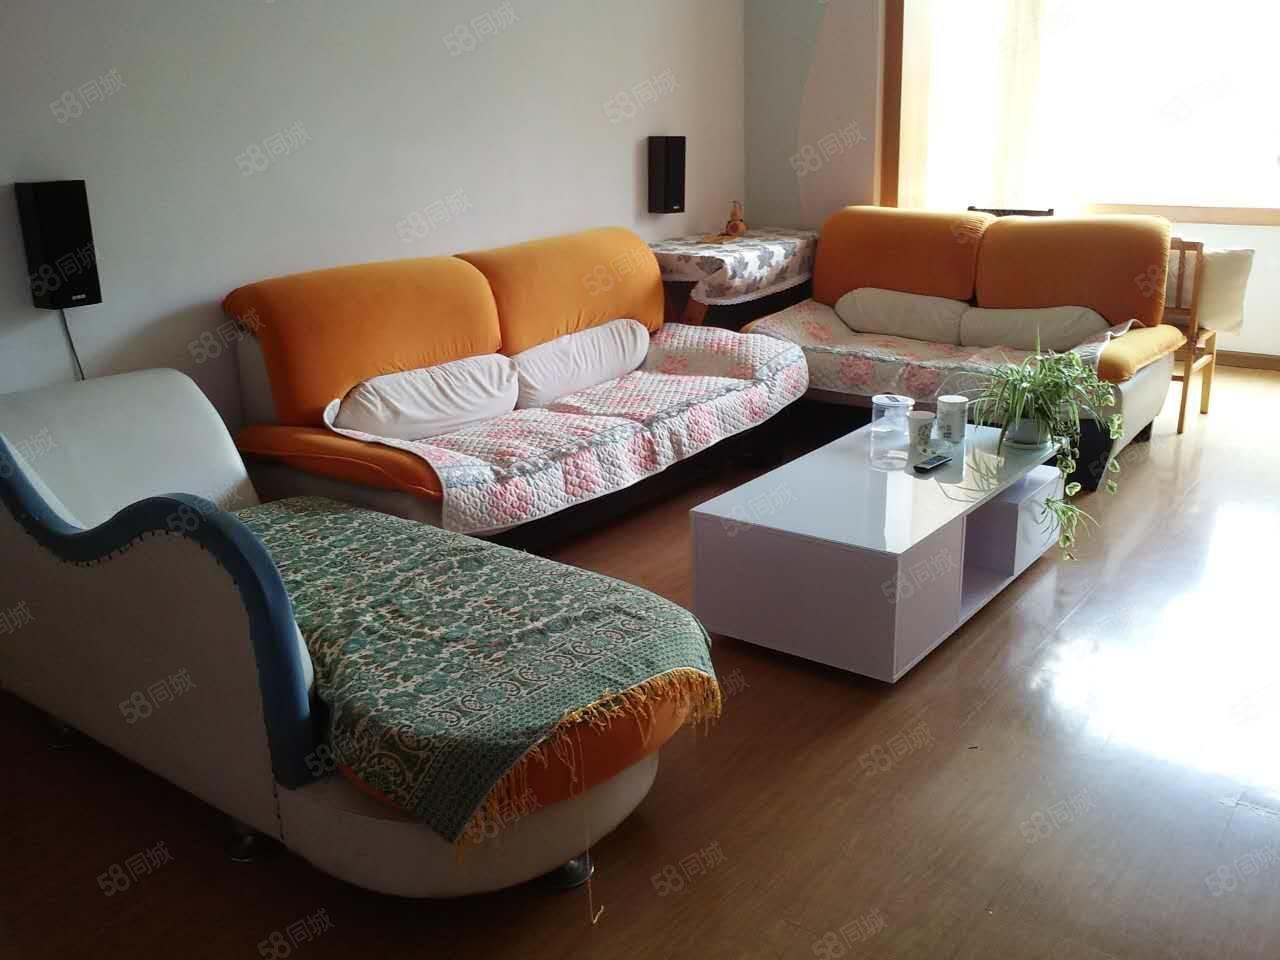 吉鑫苑2楼145平租2000元家电齐四室两厅两卫